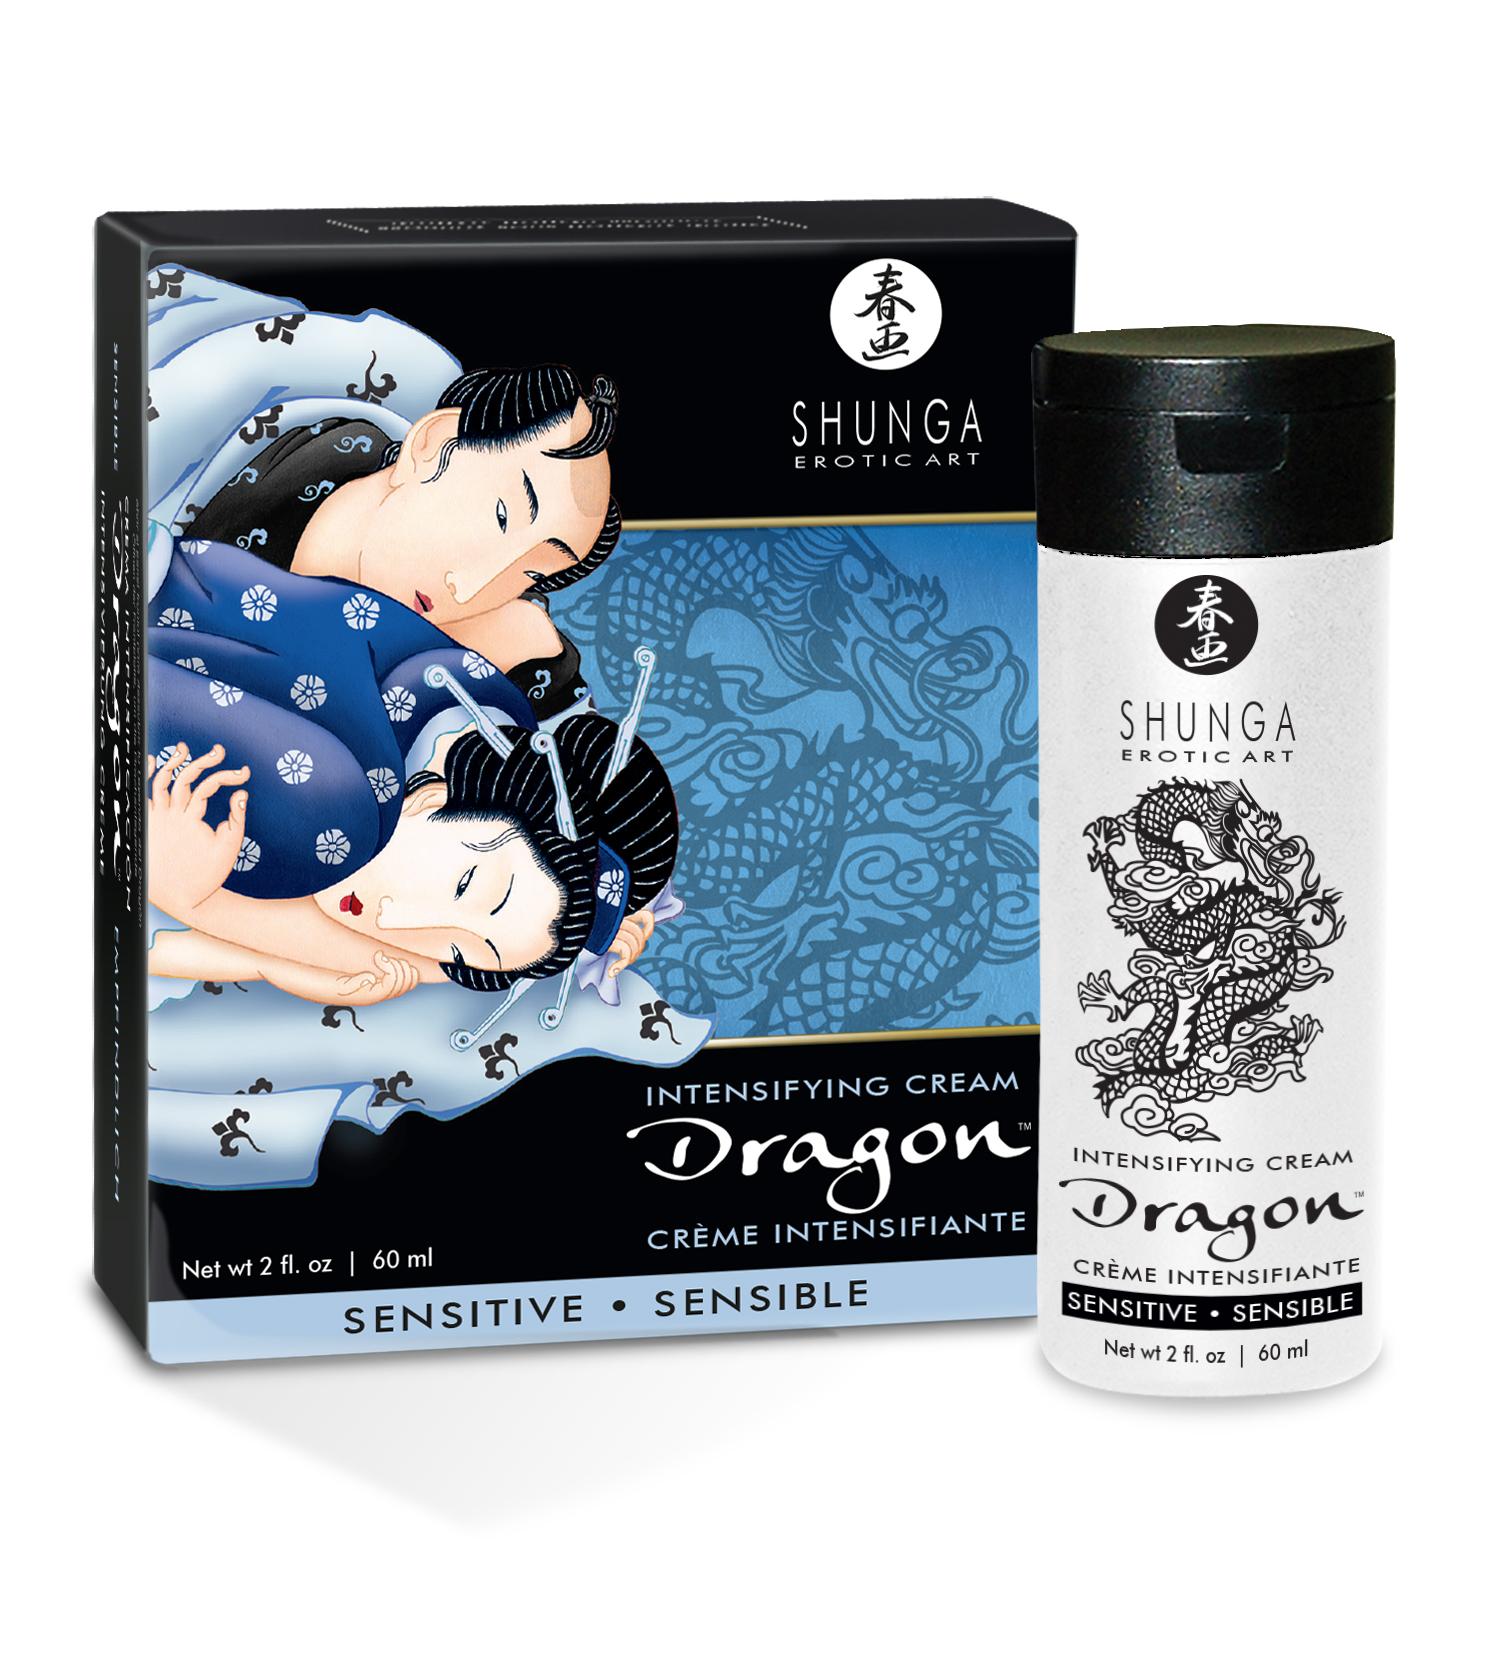 SHUNGA Dragon SENSITIVE krém - 60 ml - Topherba